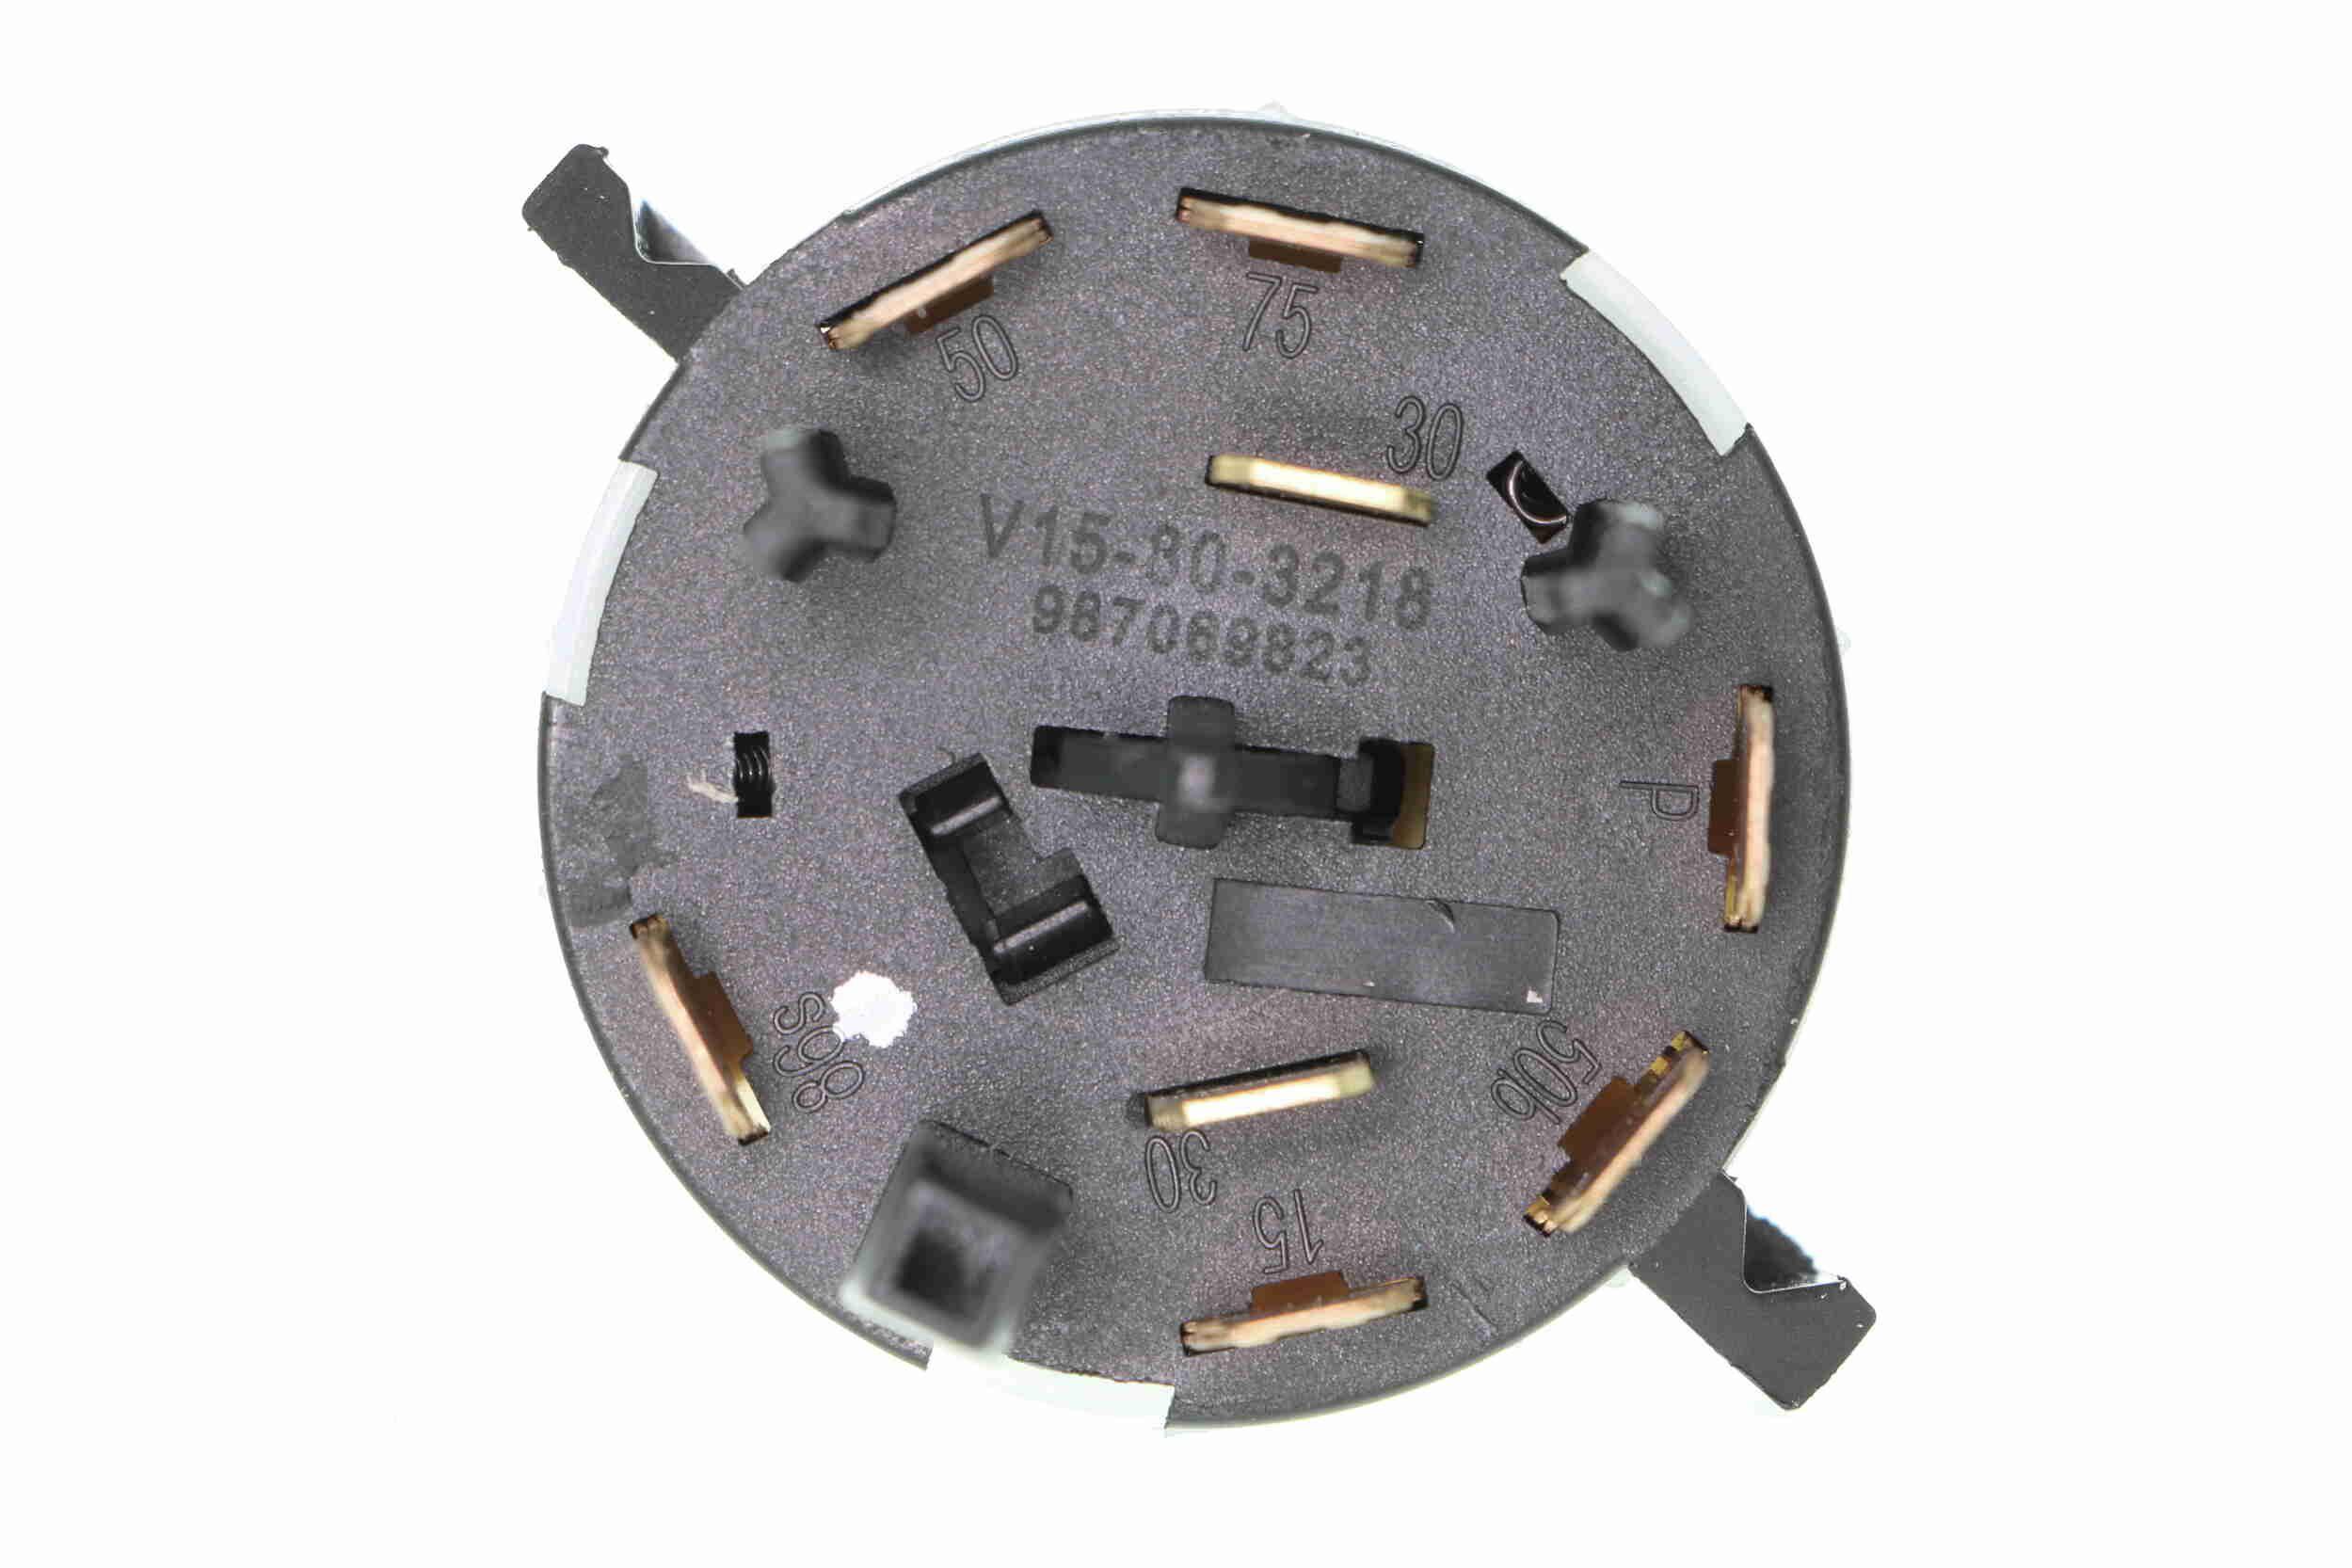 Ignition- / Starter Switch VEMO V15-80-3218 rating